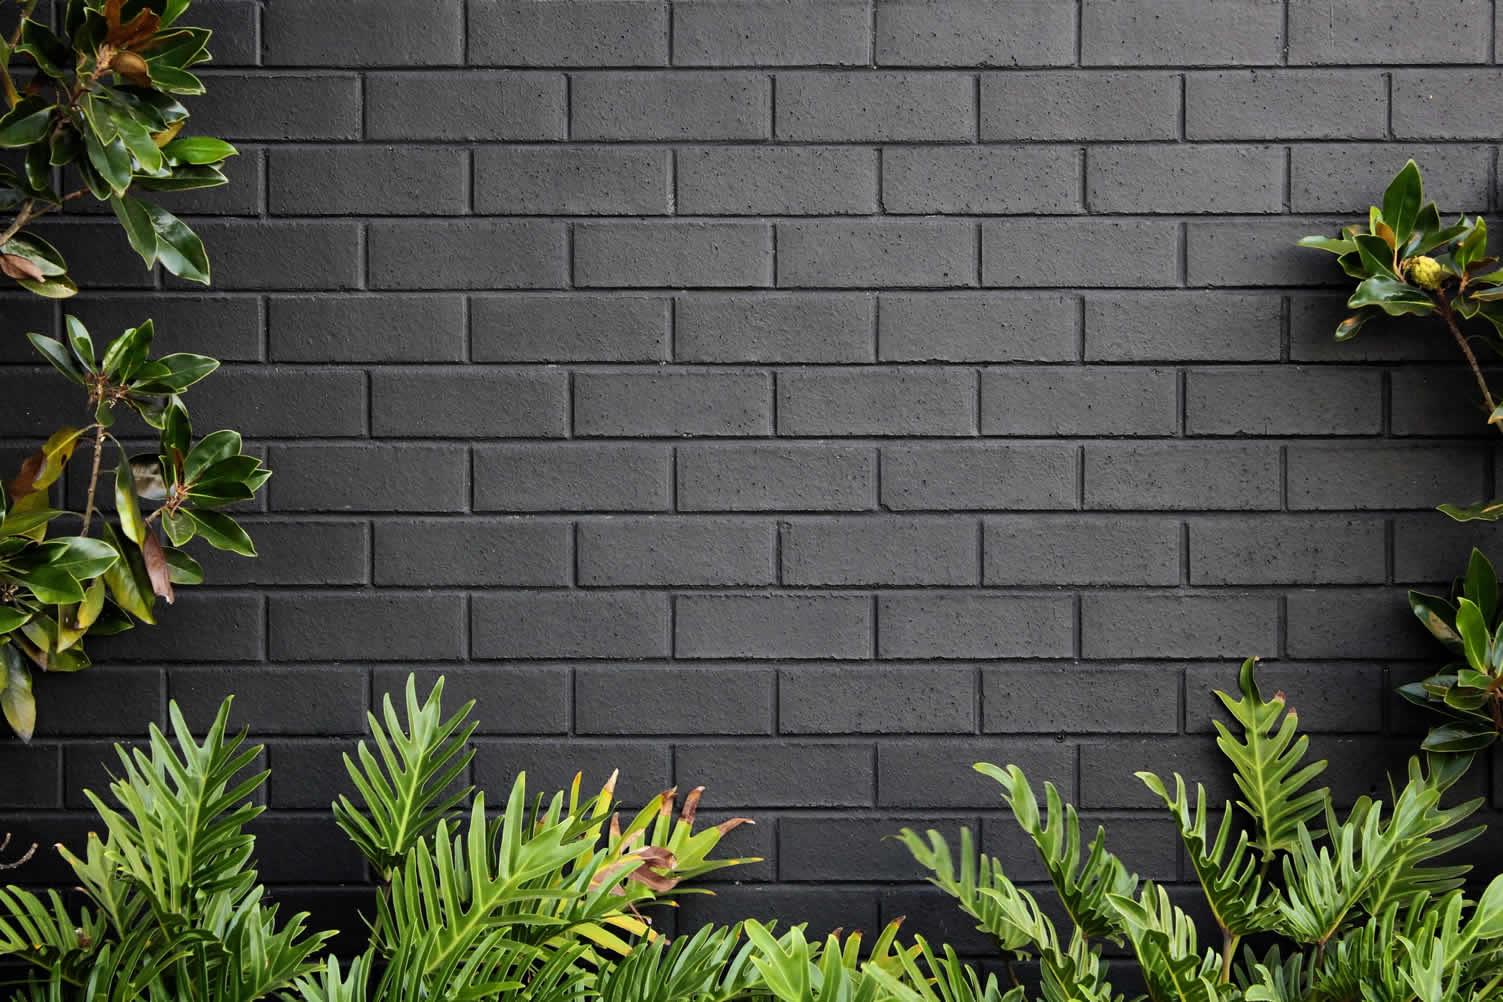 type of bricks